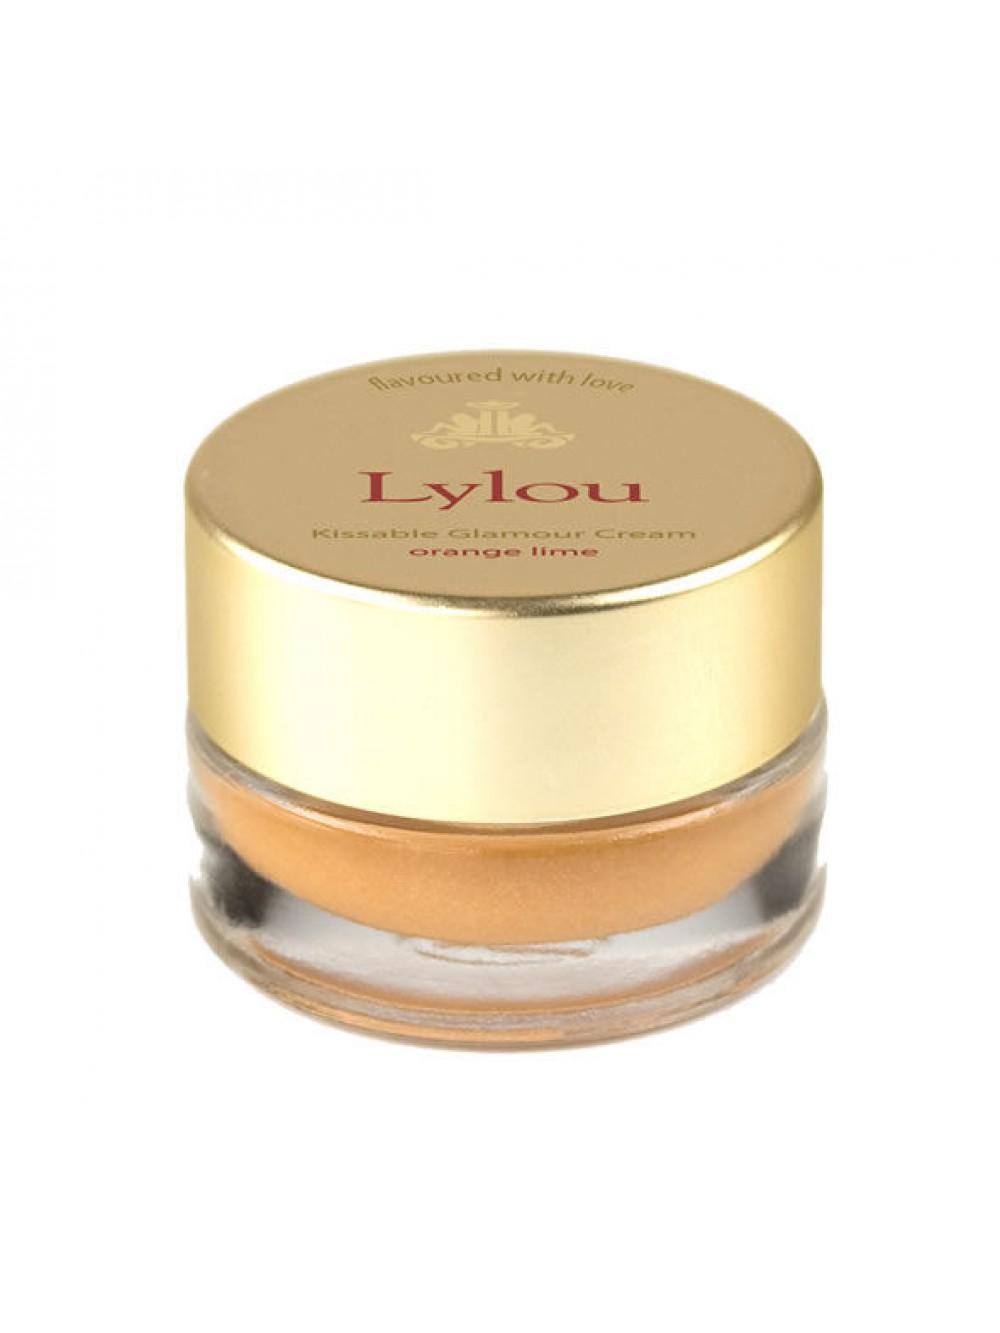 LYLOU KISSABLE GLAMOUR CREAM ORANGE LIME 50ML